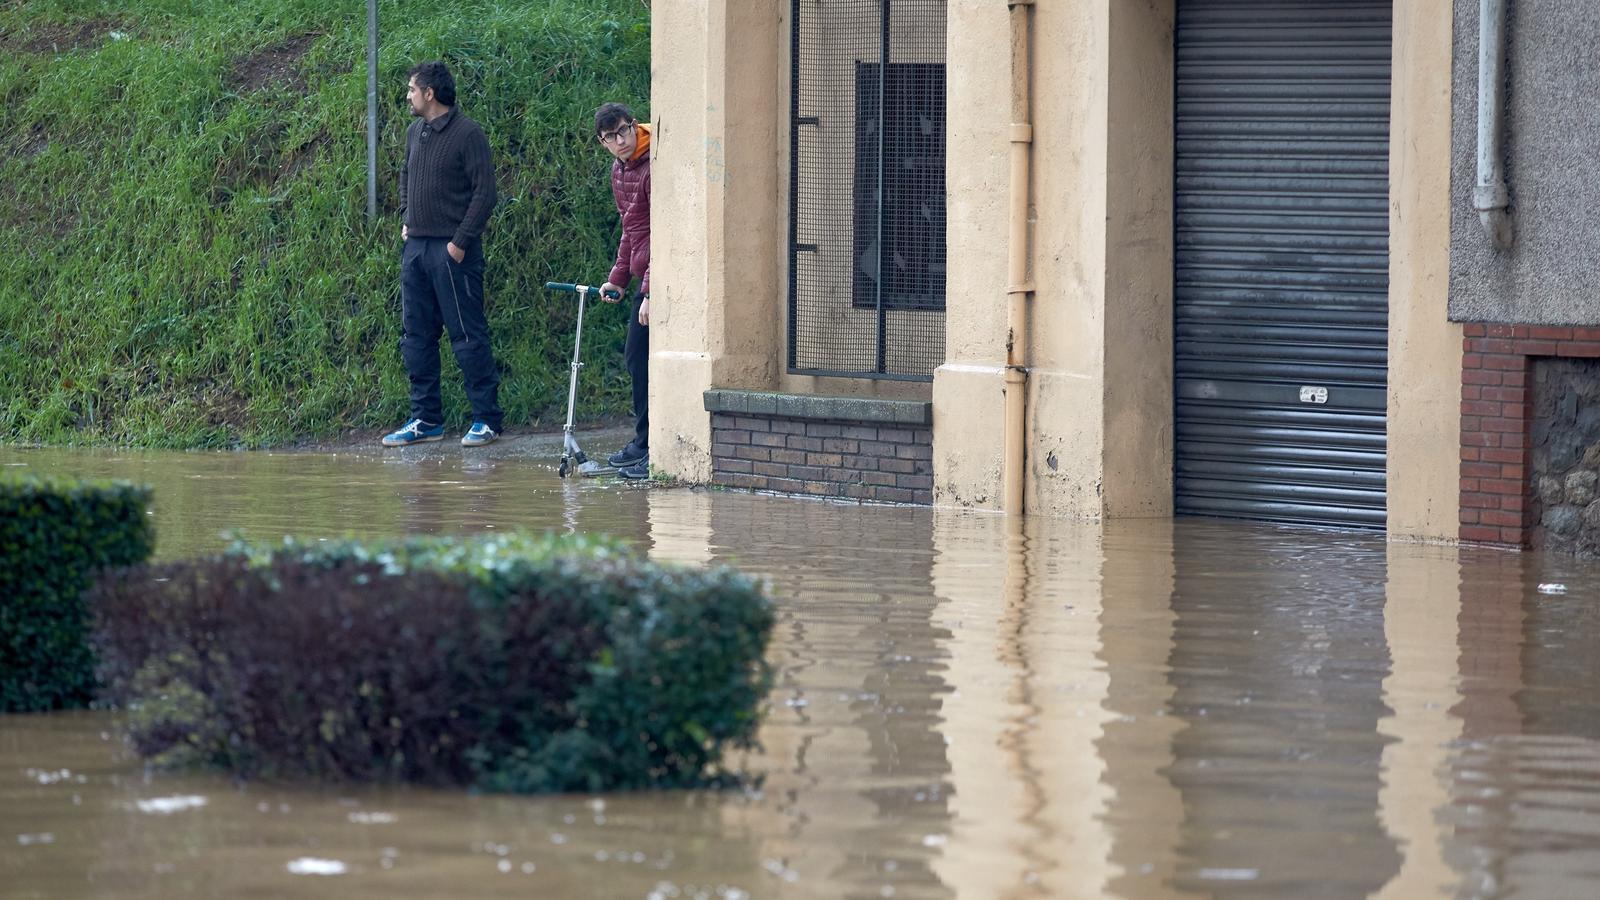 Veïns observant, dimecres, com es desborda el riu Ter al seu pas per Girona.